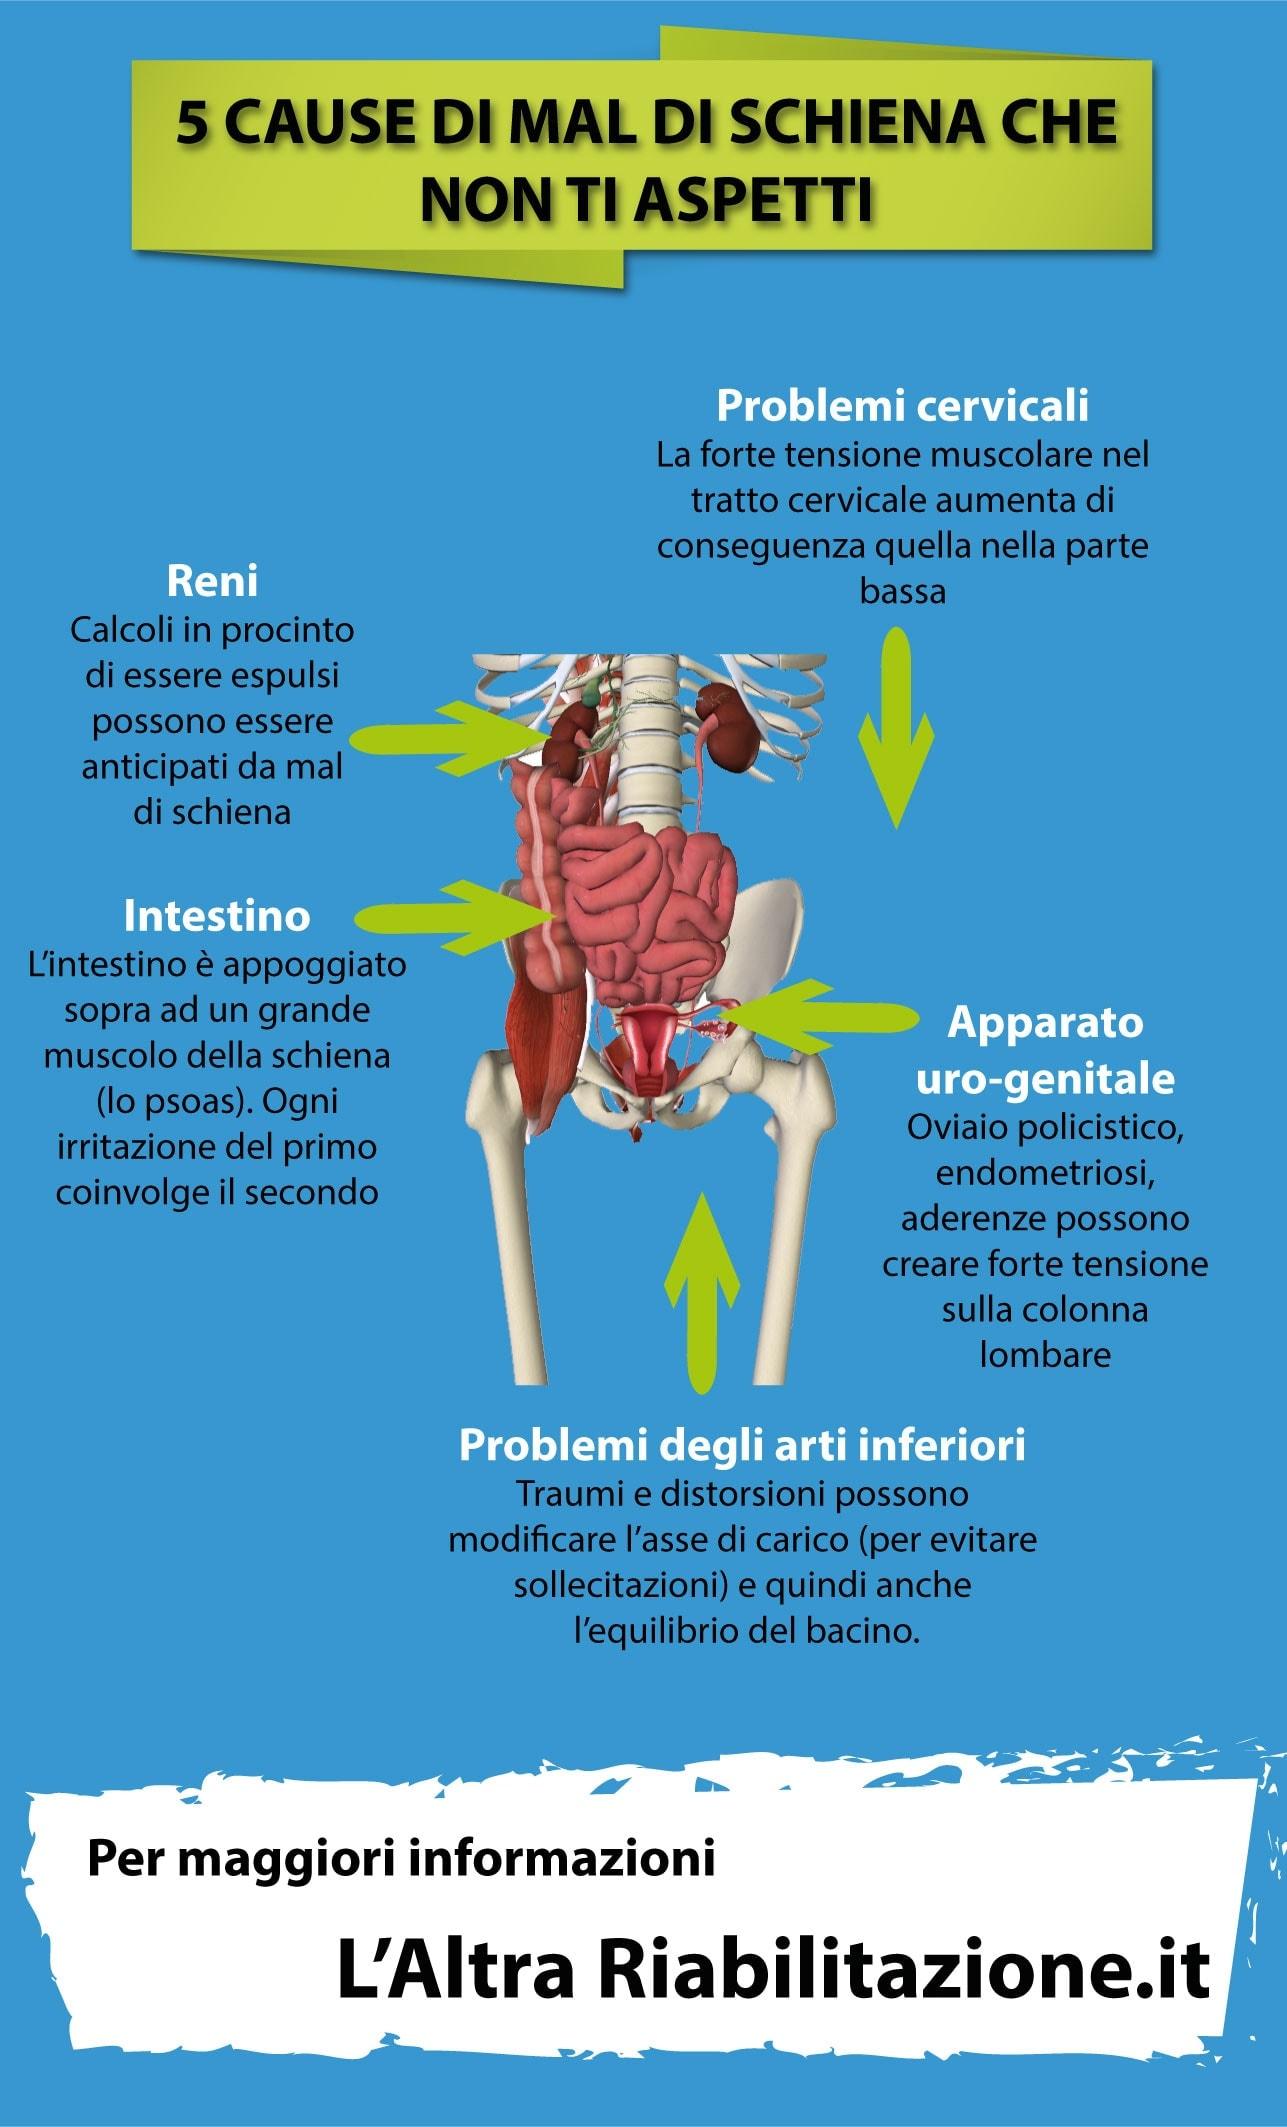 5 cause inusuali di mal di schiena sulle quali puoi riflettere l 39 altra riabilitazione - Mal di schiena a letto cause ...